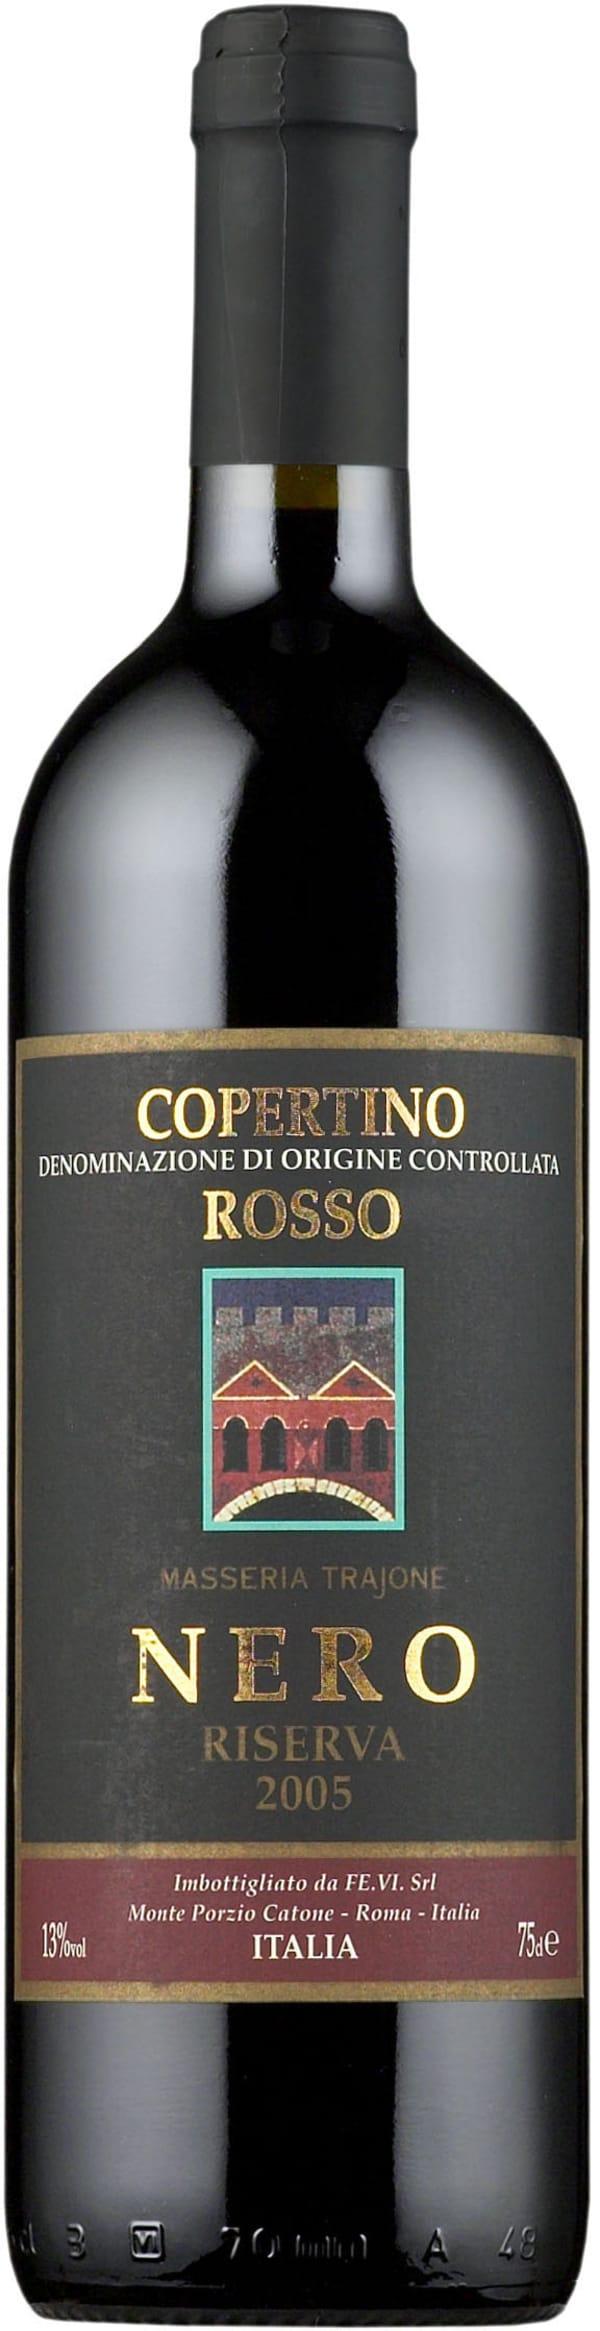 Nero Copertino Riserva 2012